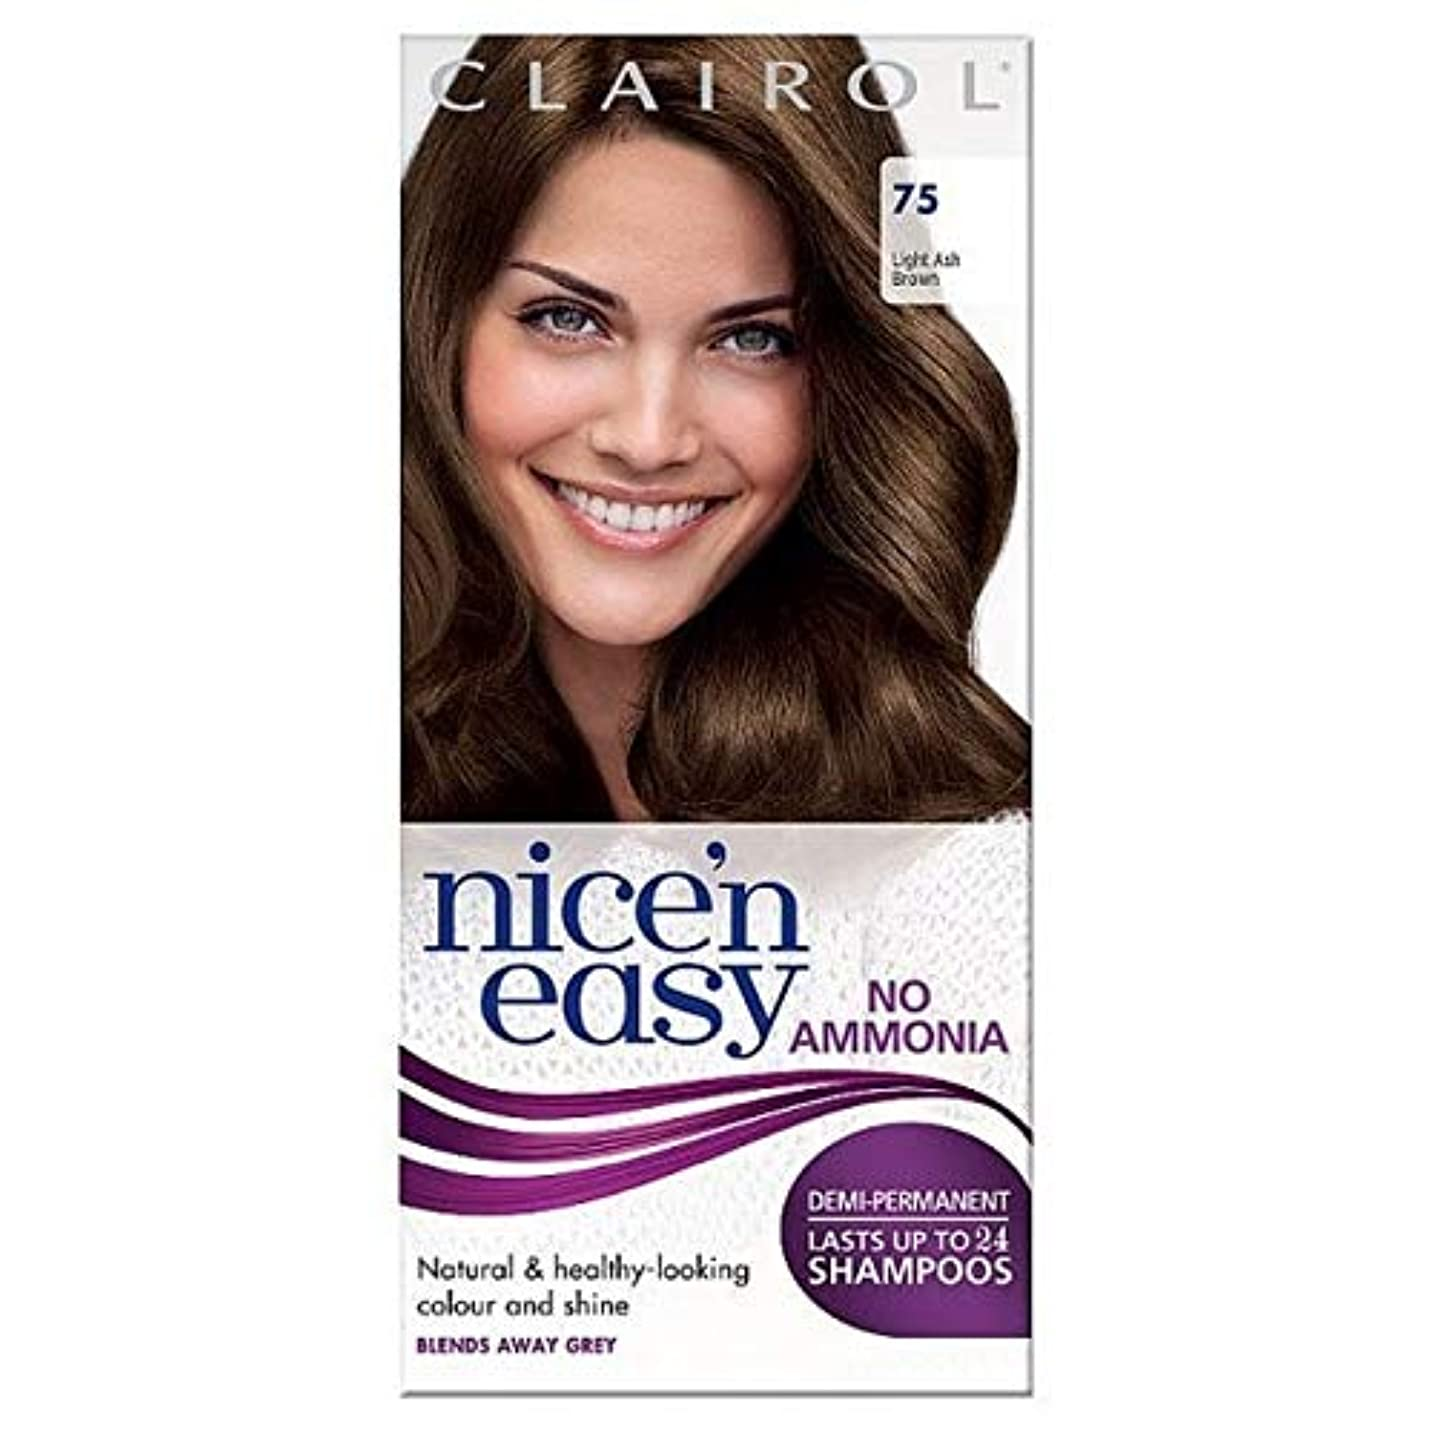 閃光発症バッグ[Nice'n Easy] Nice'N簡単に何のアンモニアの染毛剤光アッシュブラウンません75 - Nice'n Easy No Ammonia Hair Dye Light Ash Brown 75 [並行輸入品]